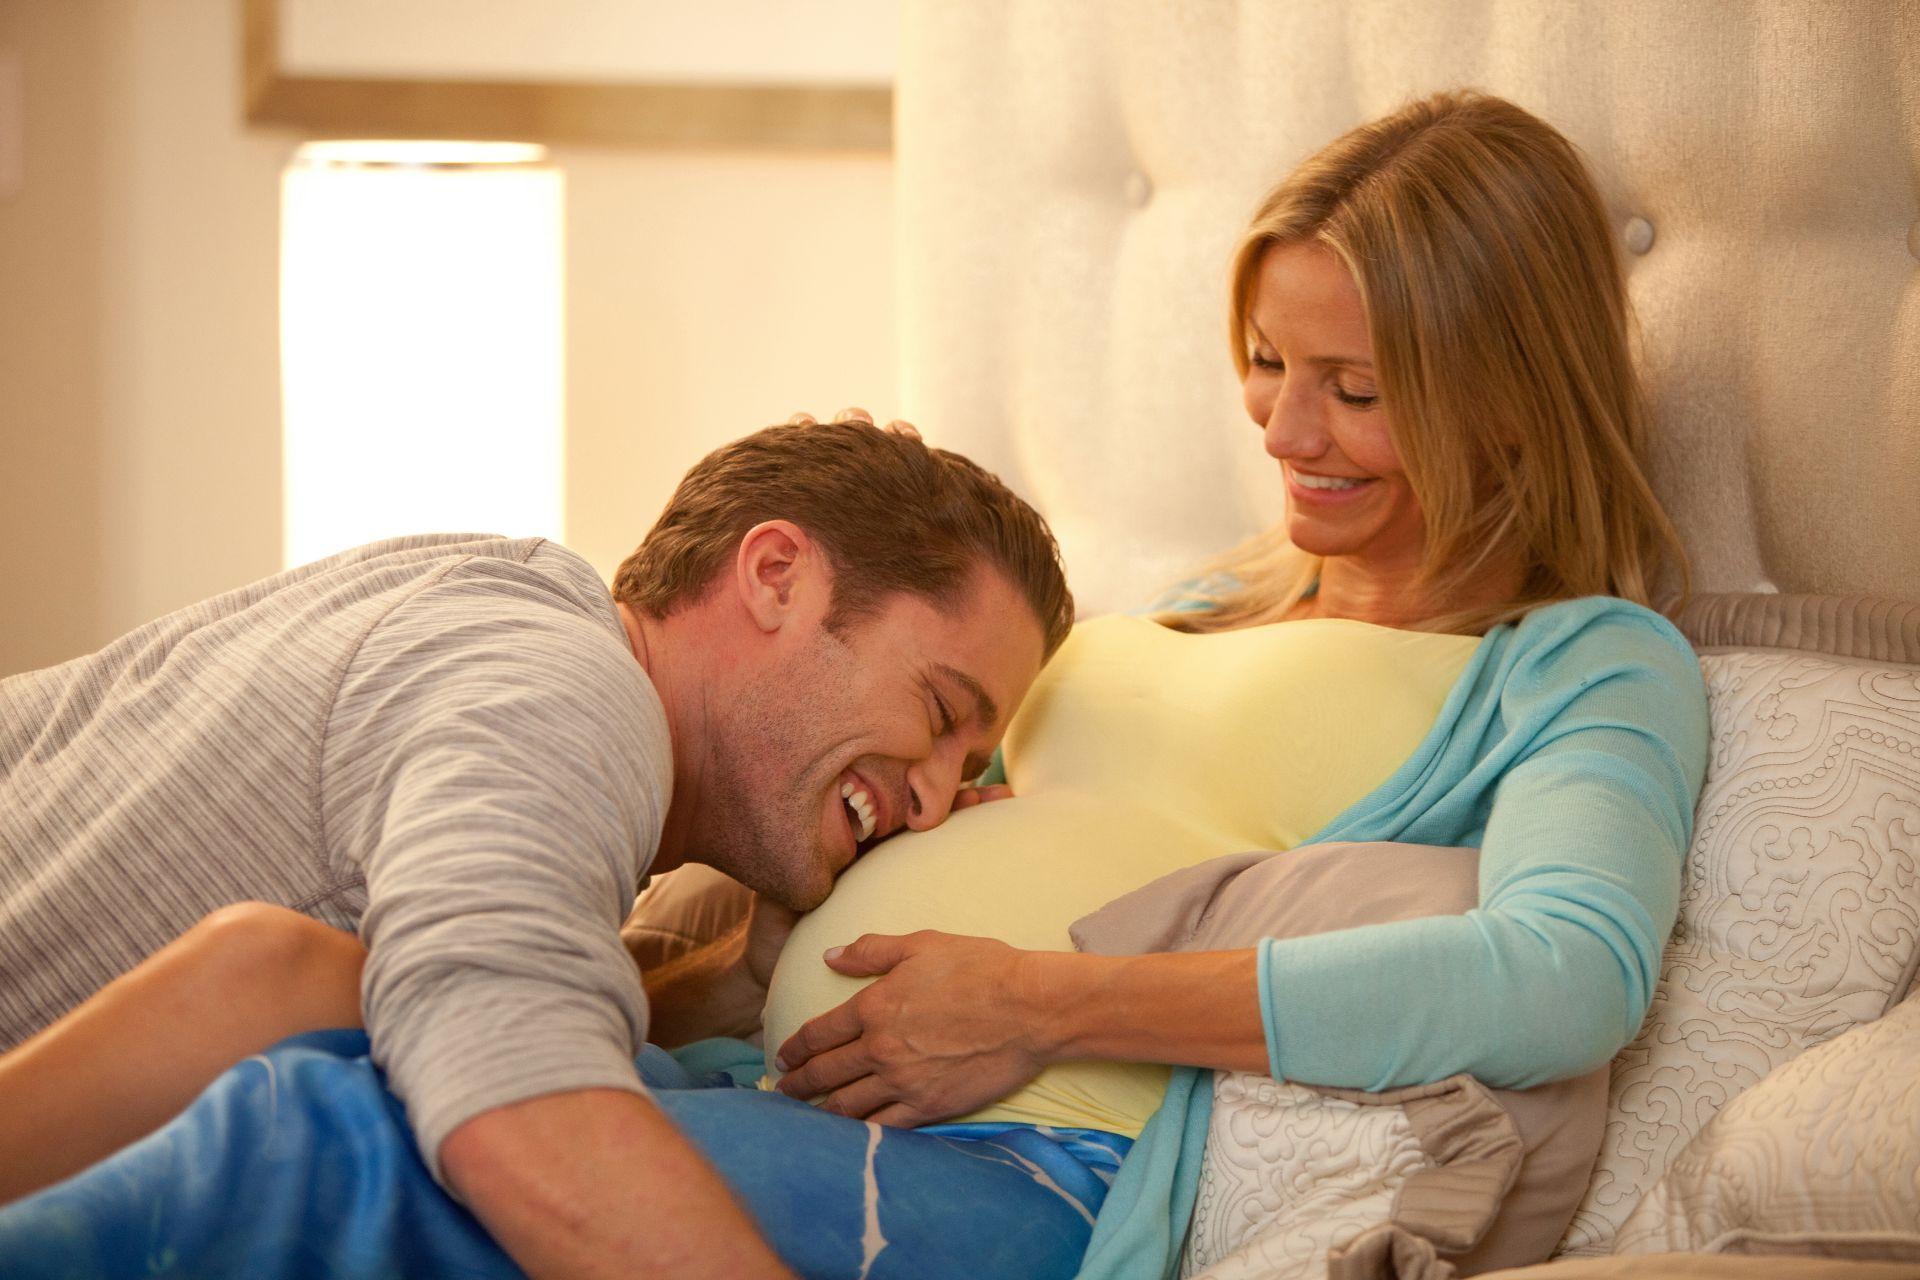 Ребёнку - быть! знакомства с желанием иметь ребёнка. найти мужчину - партнёра для зачатия, найти женщину - партнёра для зачатия